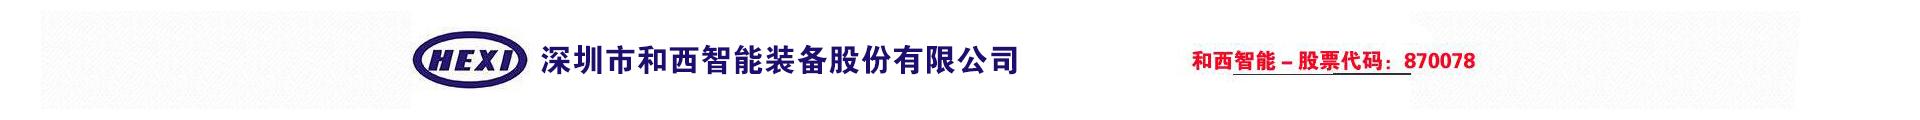 深圳市和西智能装备股份有限公司